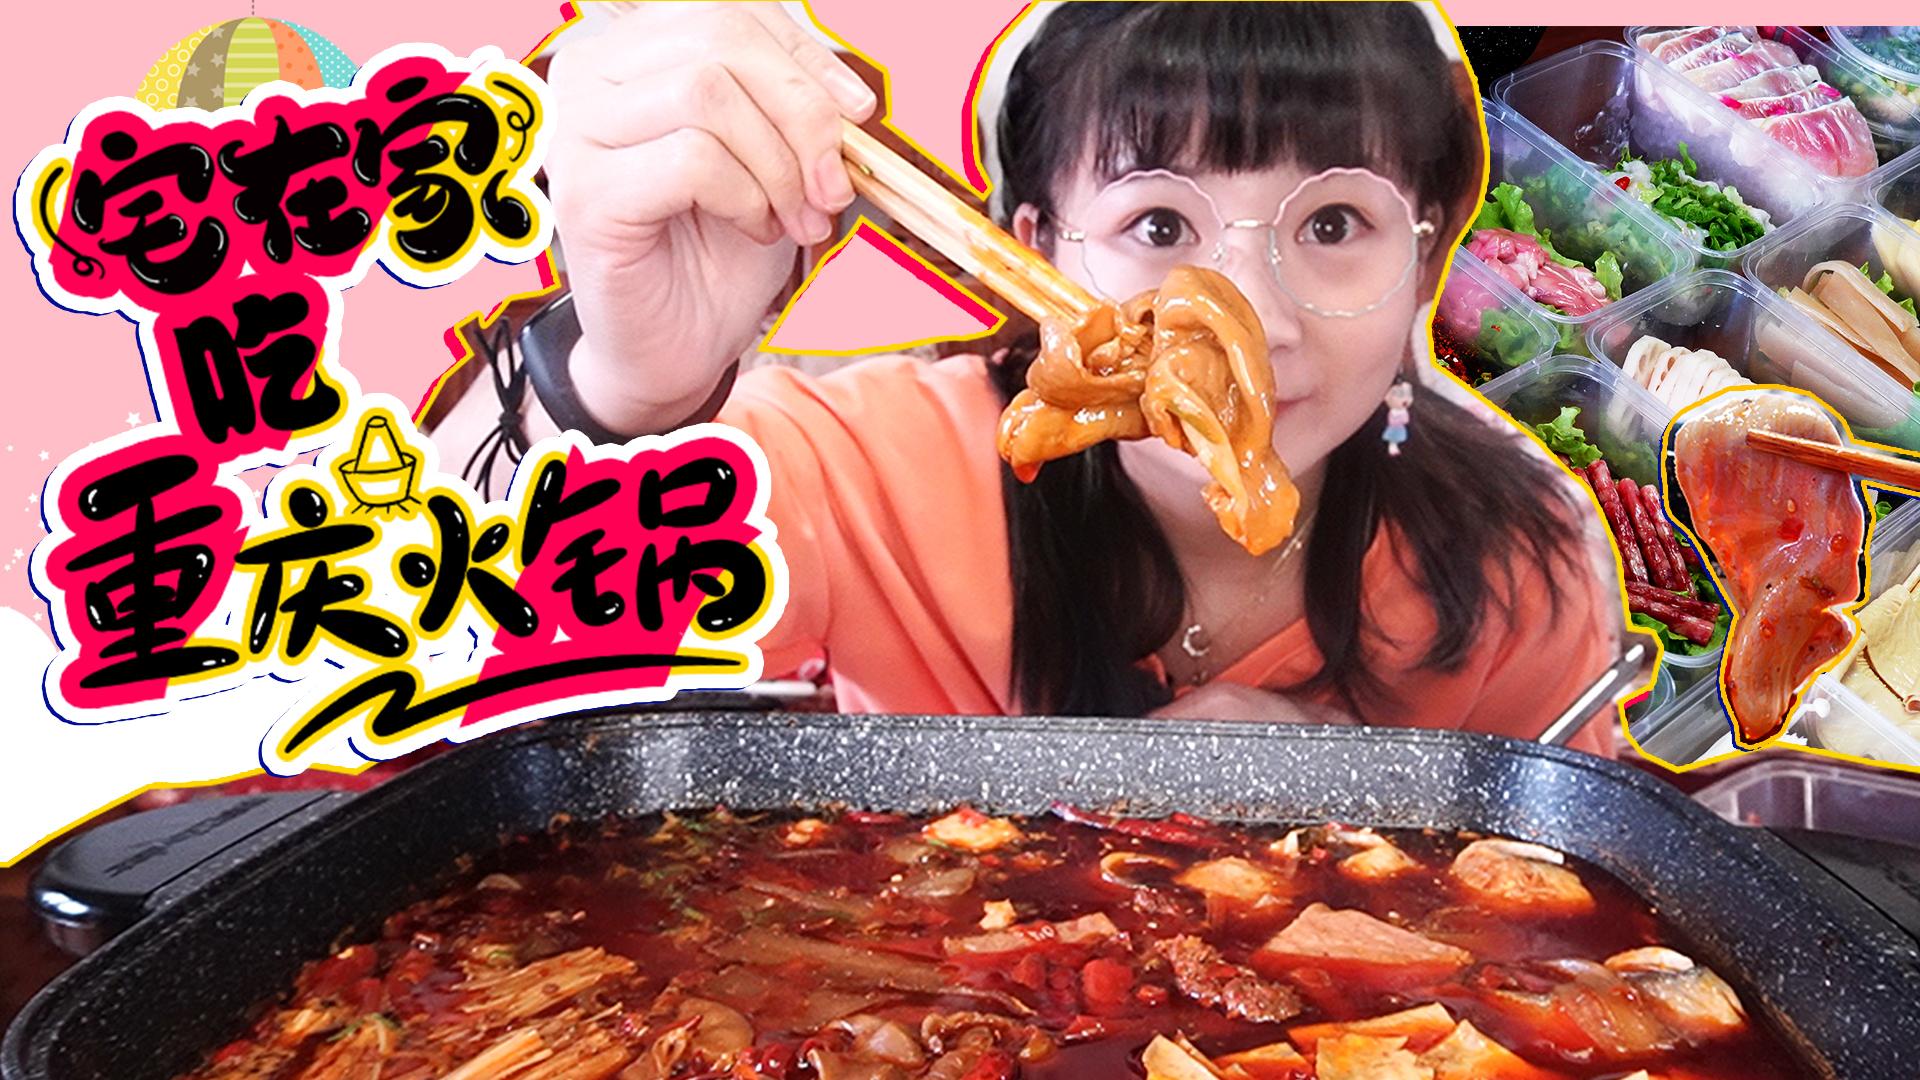 【小猪猪的vlog】宅家吃重庆火锅!火锅送到家,肥肠脑花过足瘾!